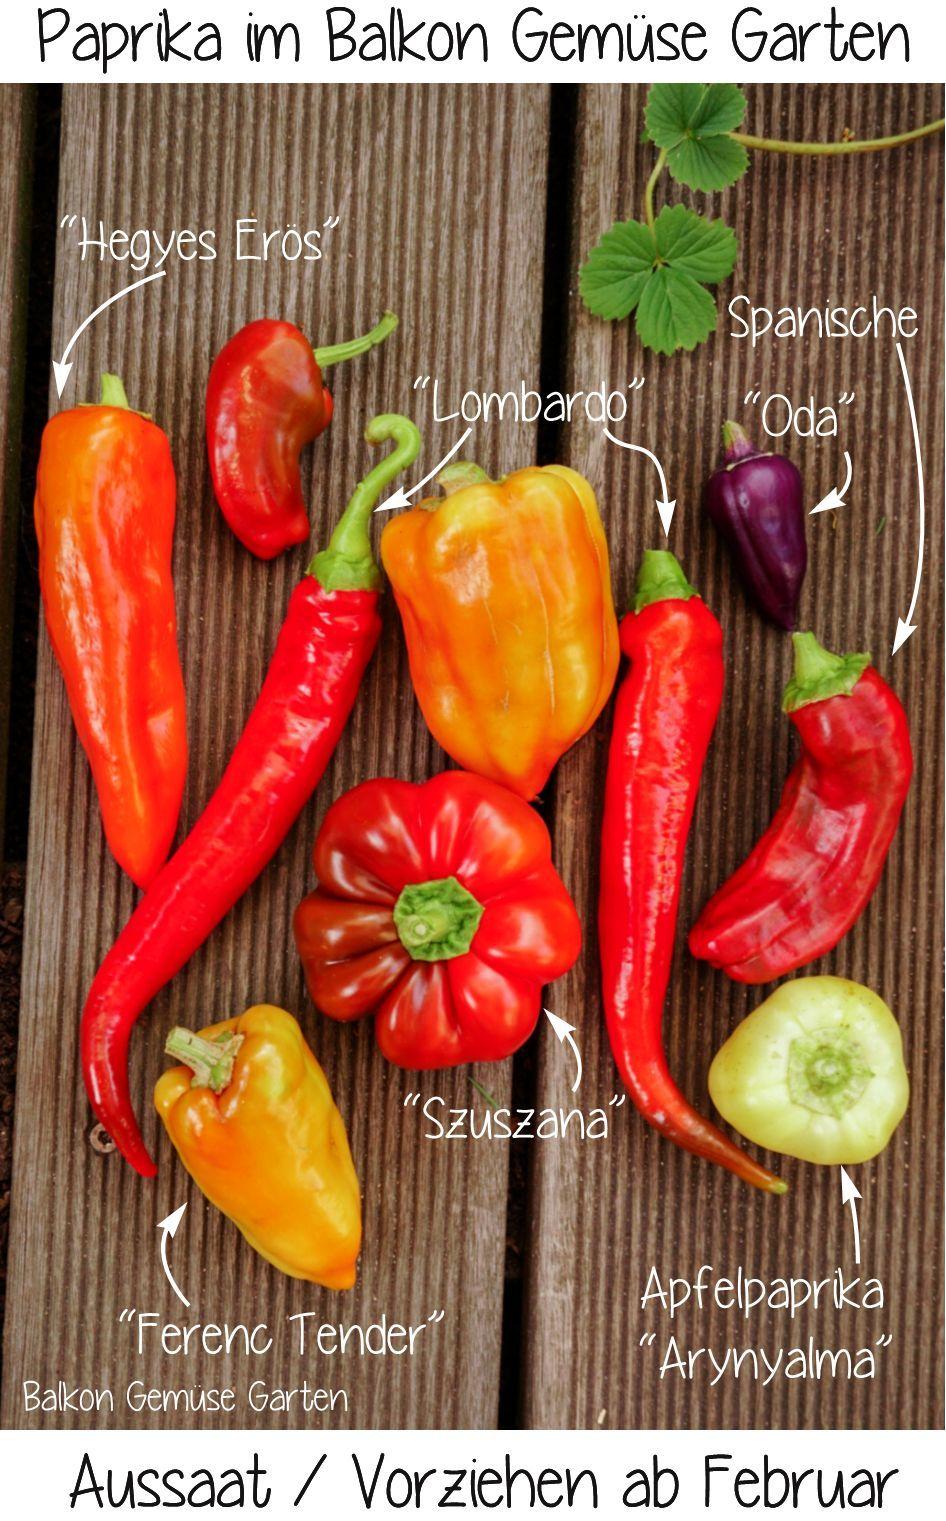 Urban Gardening Paprika Vielfalt Im Balkon Garten Vorziehen Ab Februar Fur Die Ernte Im Sommer In 2020 Gesundes Essen Kochen Gemuse Anbauen Obst Und Gemuse